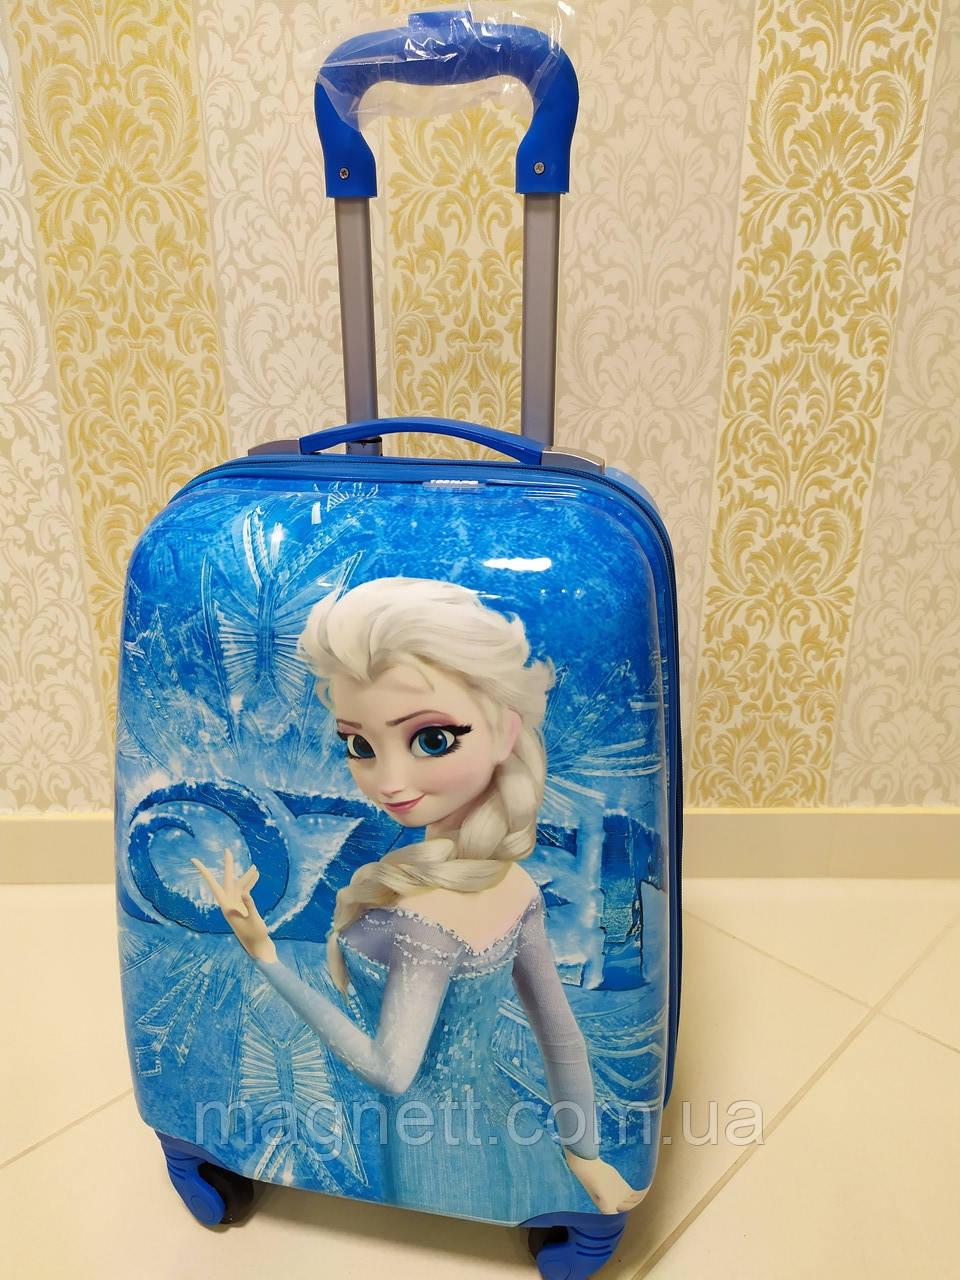 """Детский чемодан на 4 колесах для девочки Ельза """"Холодное сердце"""" 45*31*21"""